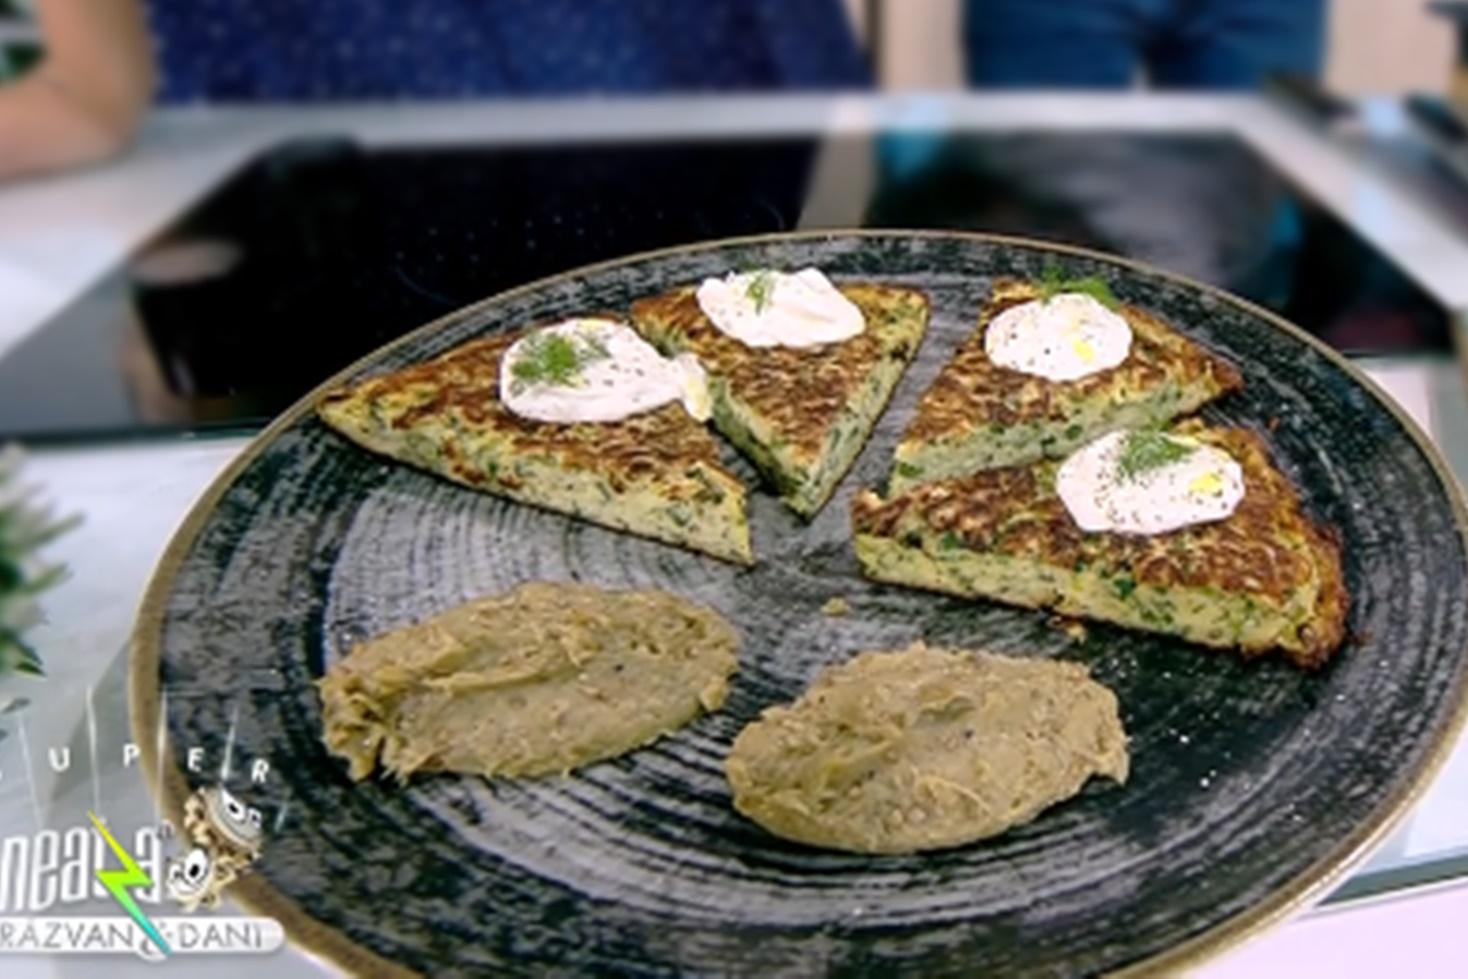 Rețeta celui mai copios mic dejun ardelenesc: Omletă cu cartofi rași, gătită de Cornelia Rednic la Neatza cu Răzvan și Dani